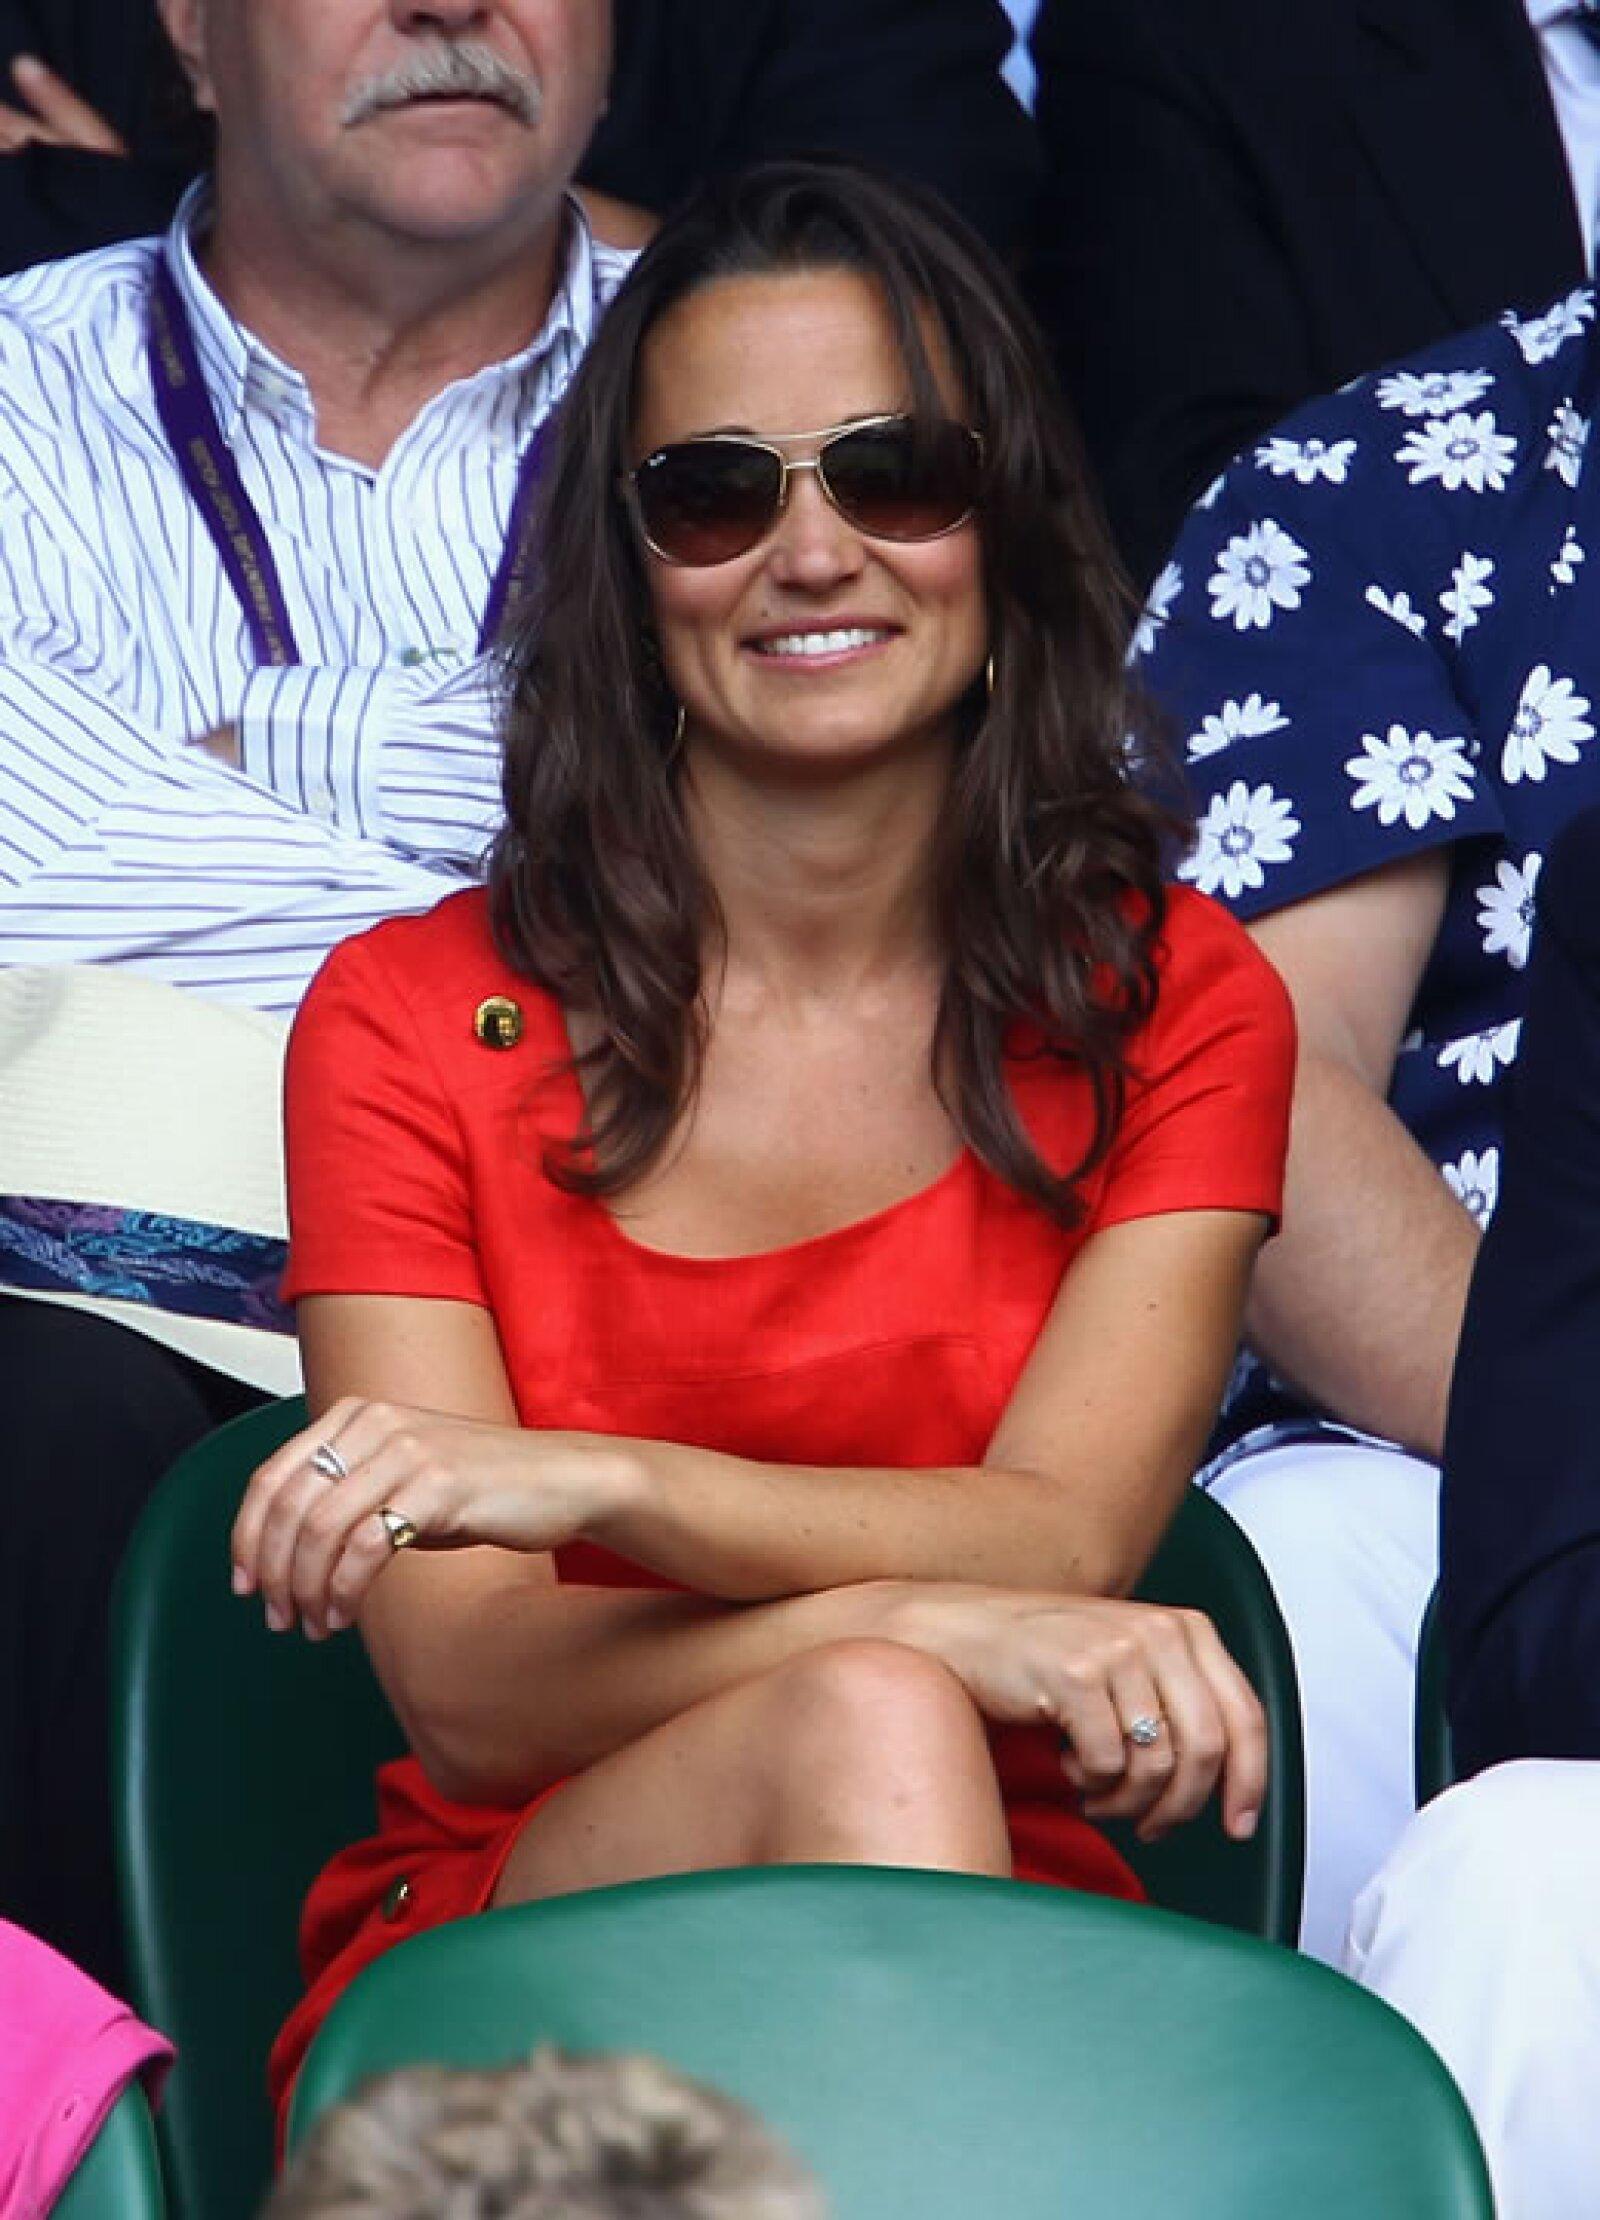 El rojo es uno de los colores más favorecedores para Pippa. Aquí en el partido entre Jo-Wilfried Tsonga y Roger Federer.